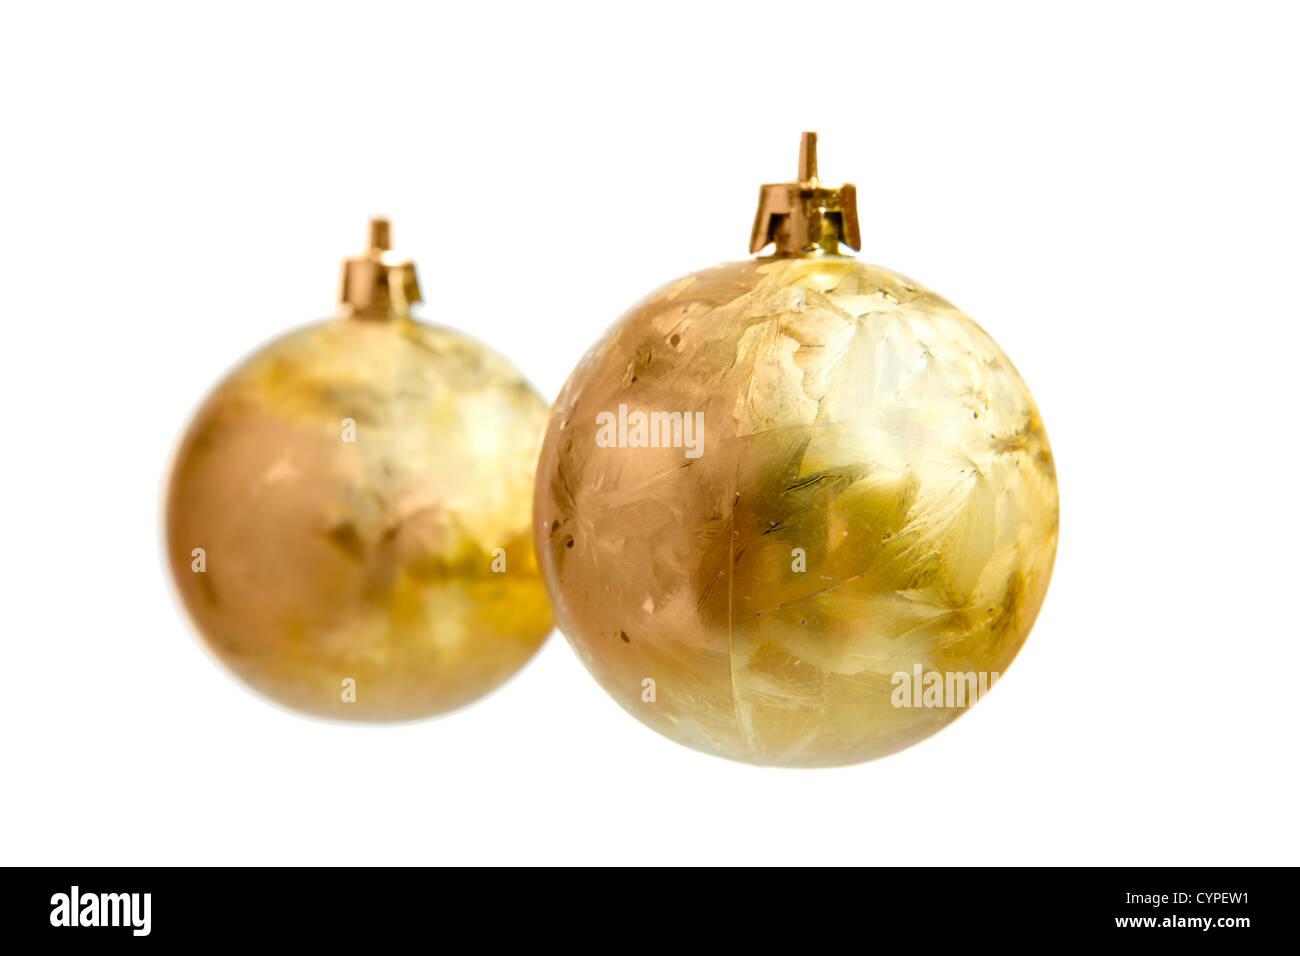 Goldene Weihnachtskugeln.Zwei Goldene Weihnachtskugeln Isoliert Auf Weiss Stockfoto Bild